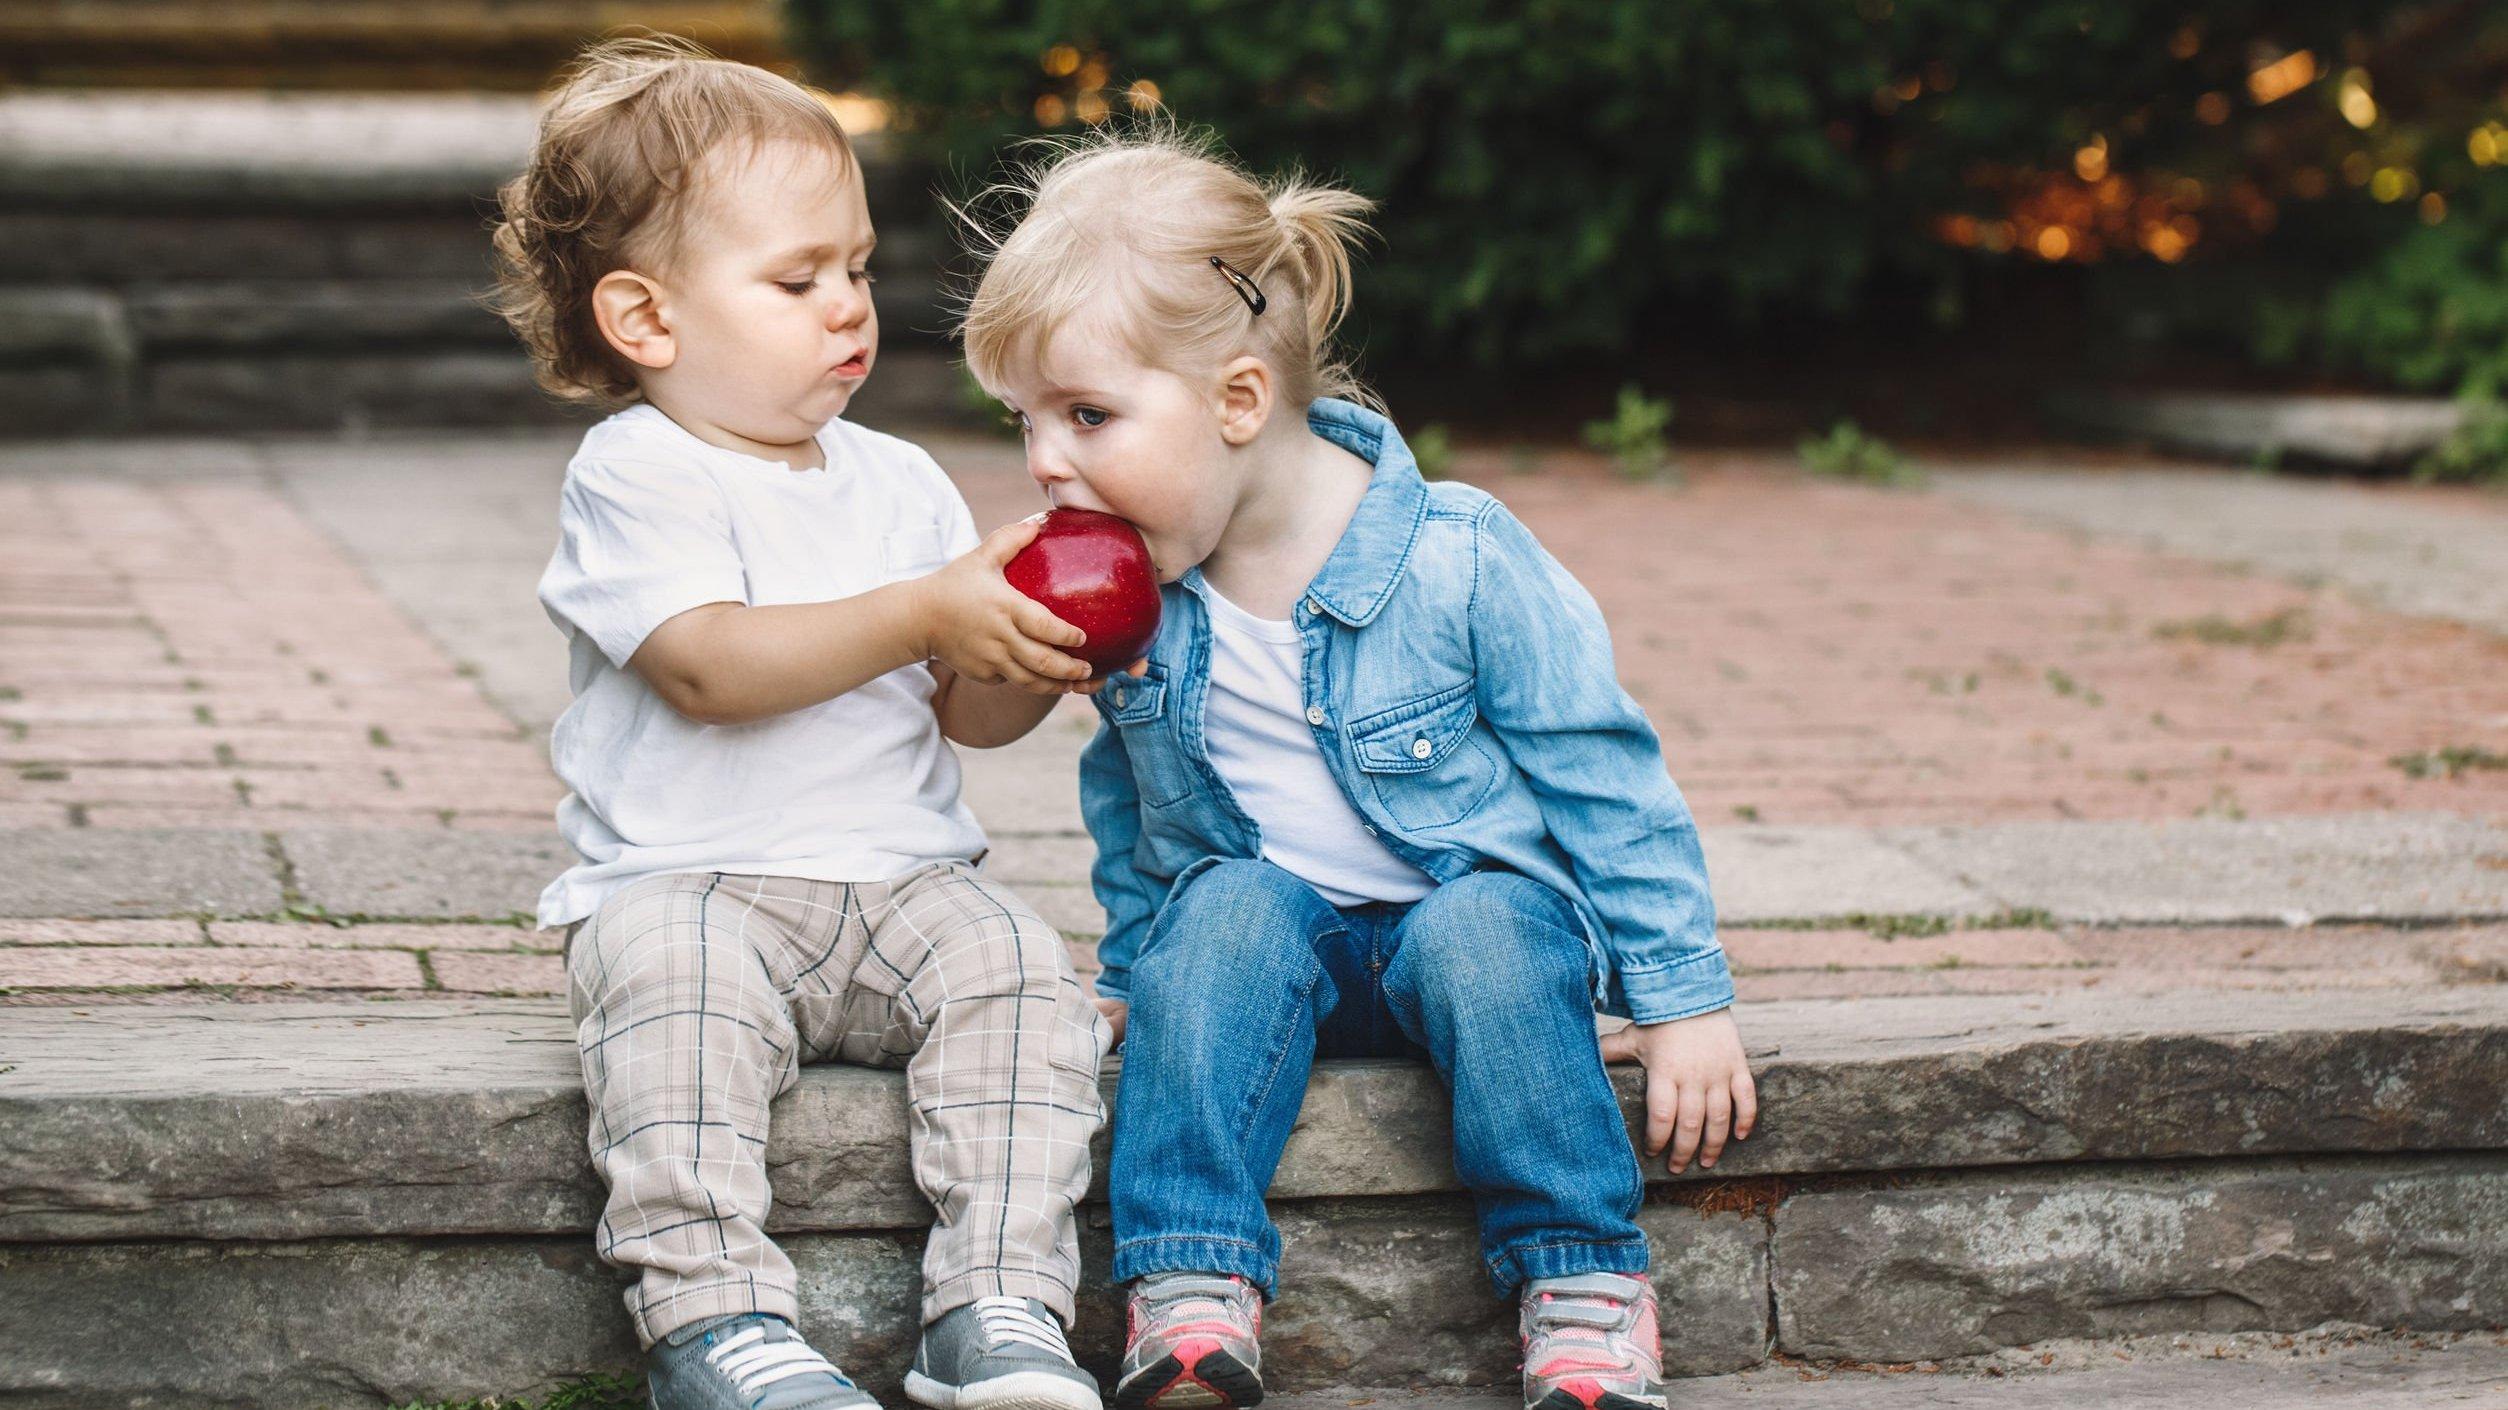 Menino e menina pequenos, sentados em uma sarjeta. O menino segura uma maçã, e a menina dá uma mordida nela.